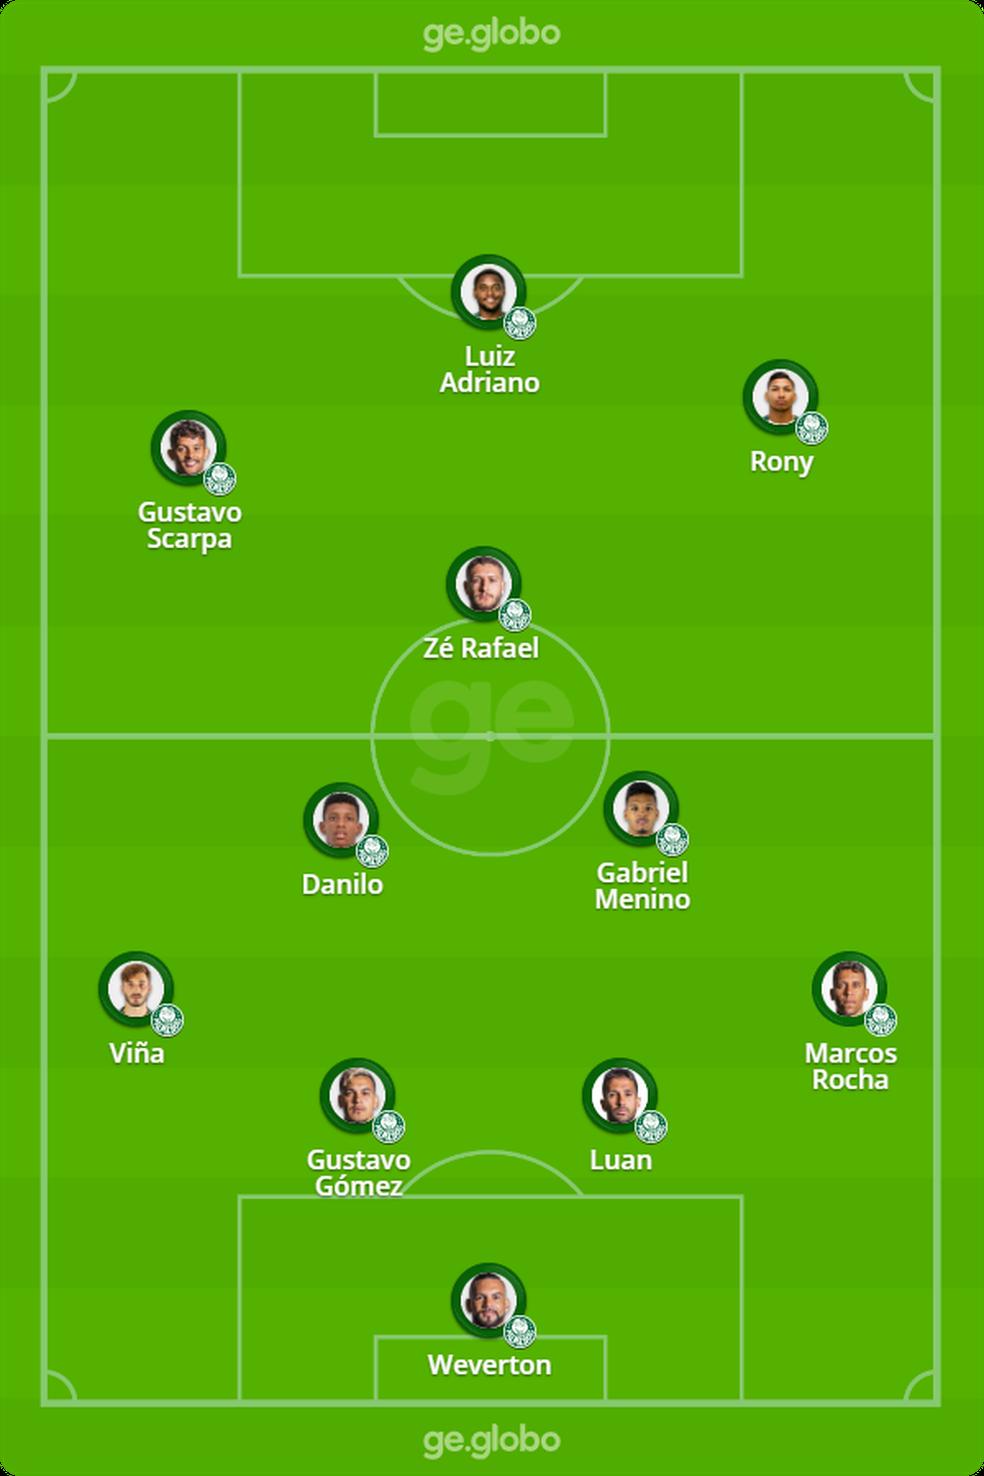 Provável formação do Palmeiras para o duelo contra o River Plate — Foto: ge